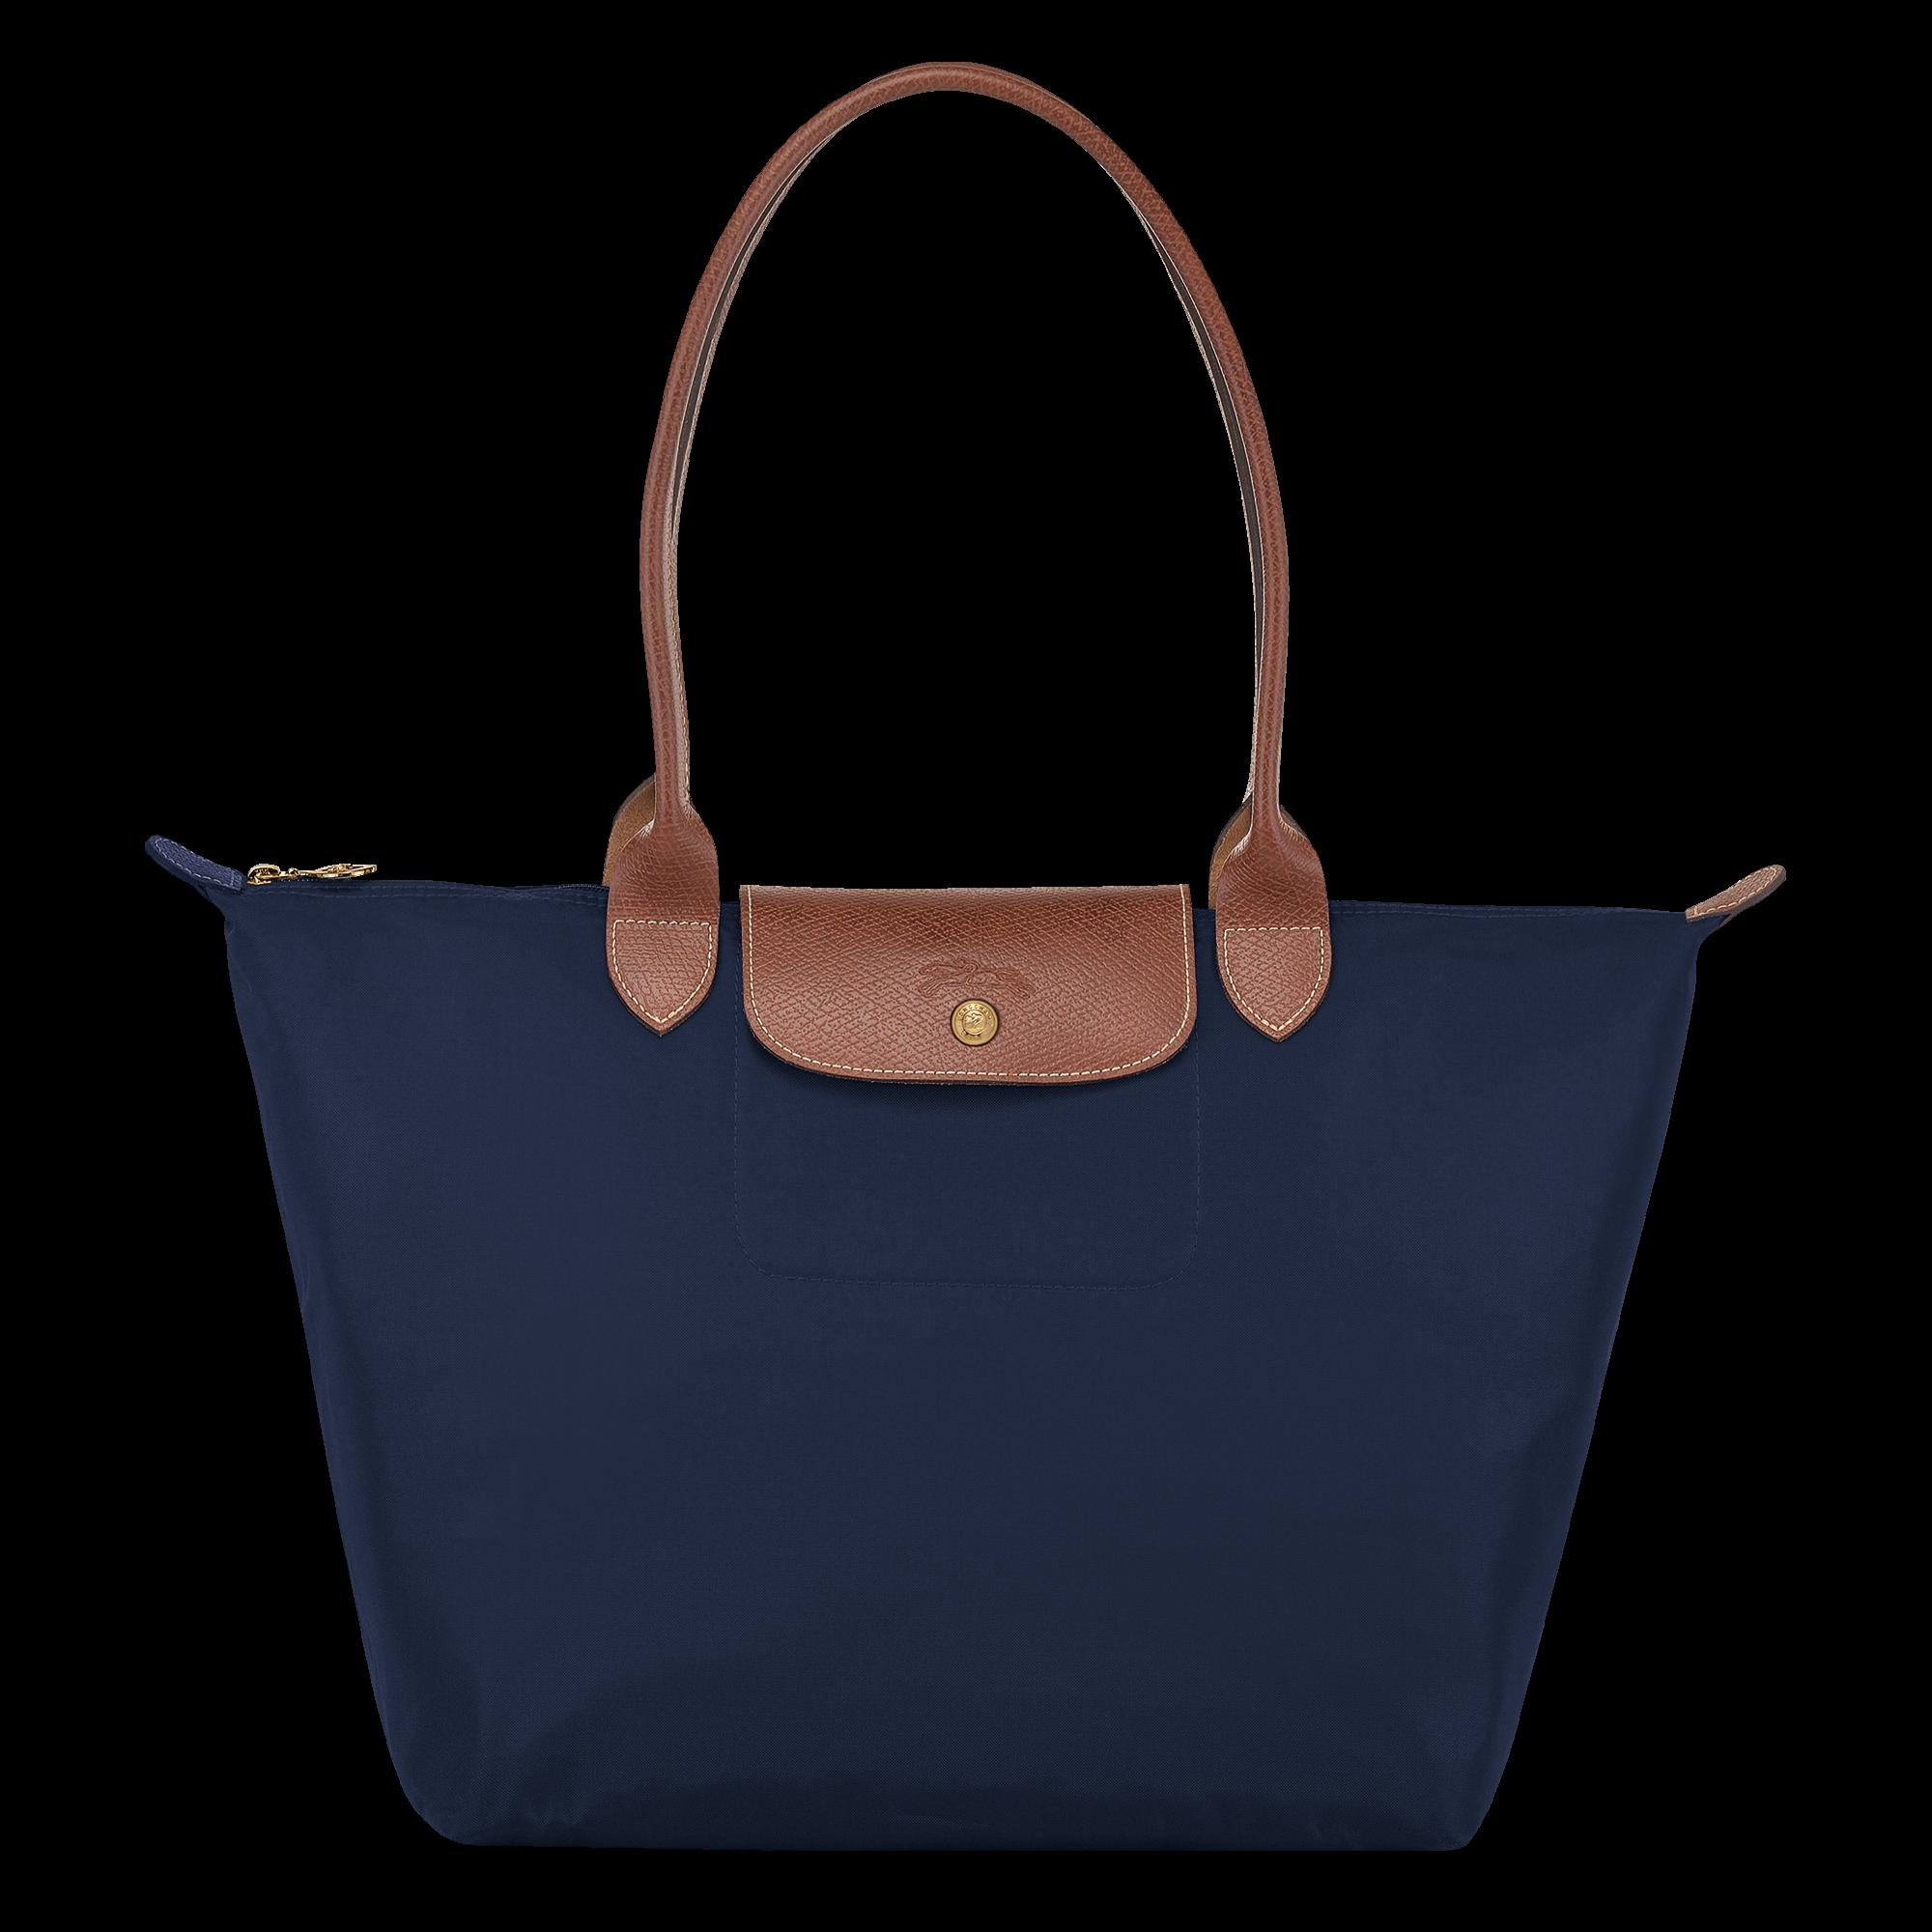 50代女性にオススメのLONGCHAMP(ロンシャン)レディースバッグ